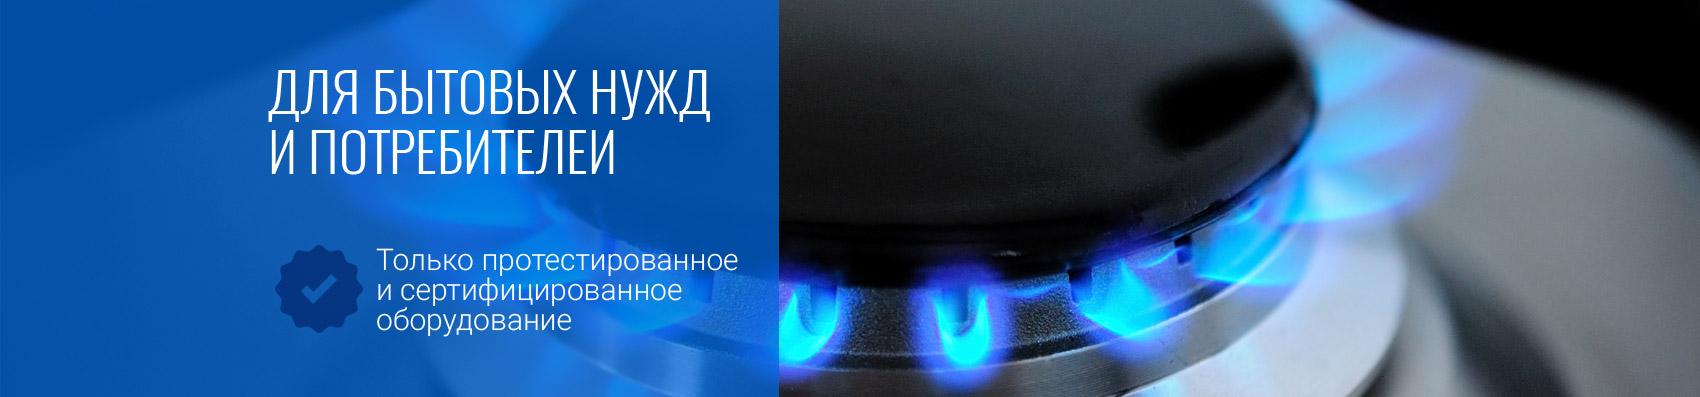 Бытовое газовое оборудование